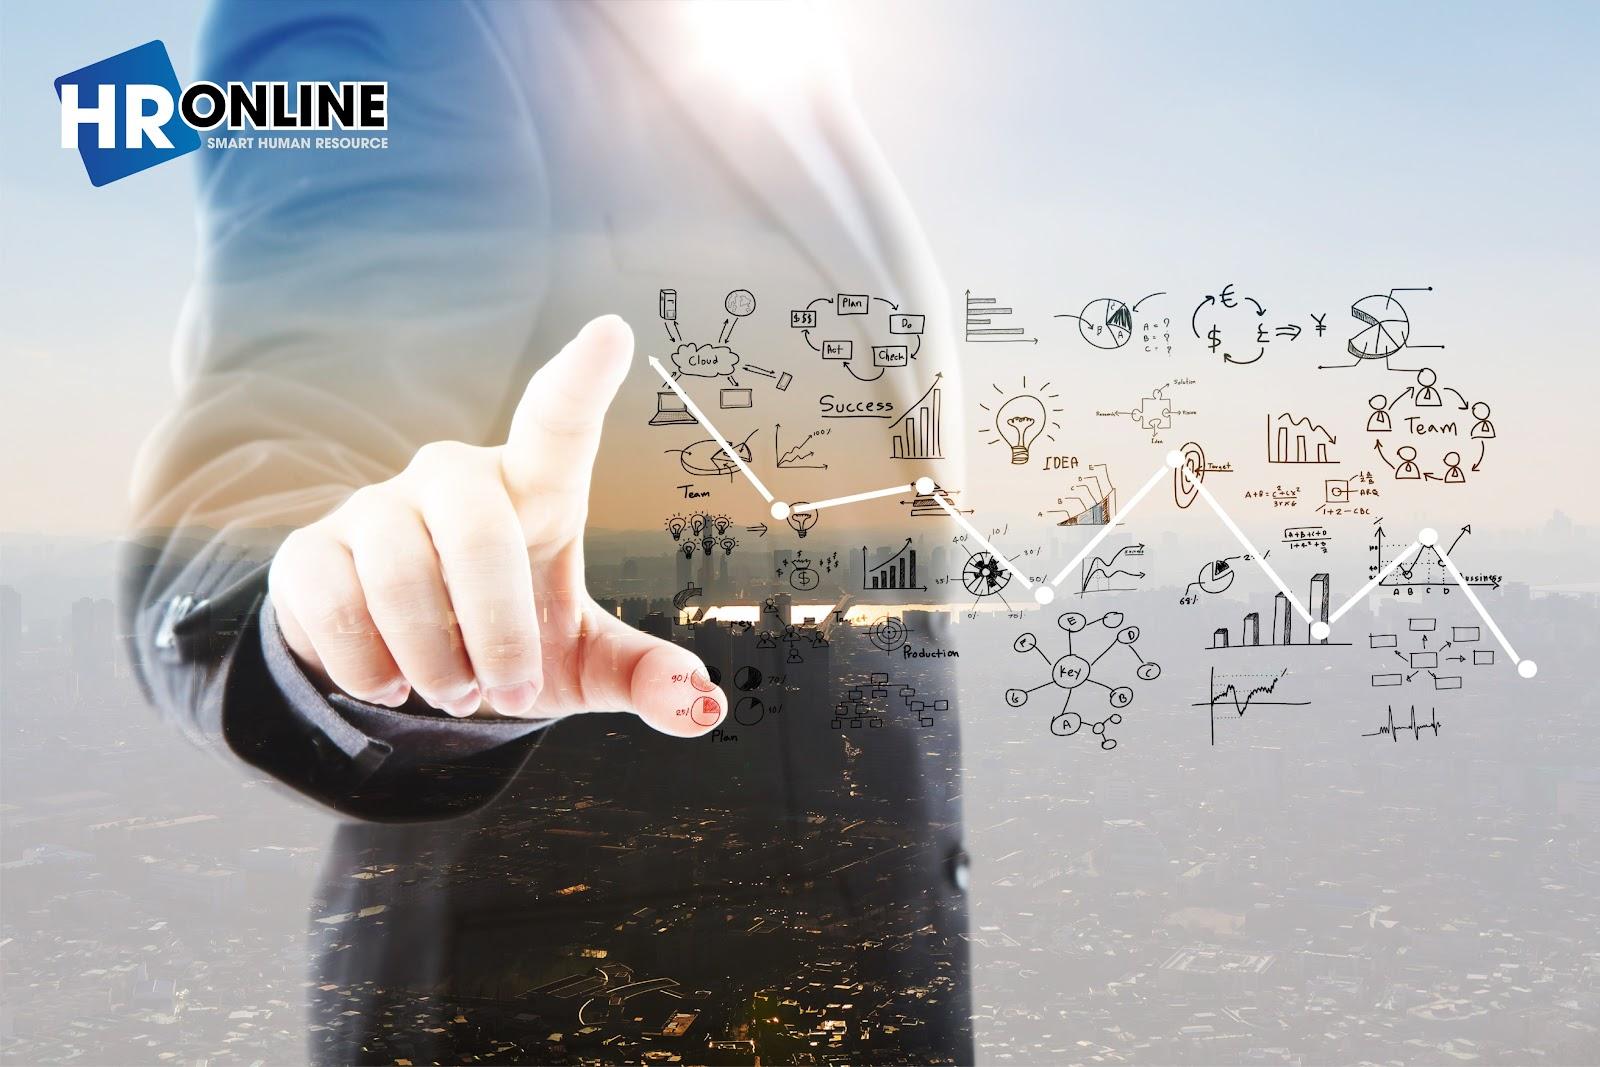 Chuyển đổi số mang lại hiệu quả tích cực cho doanh nghiệp